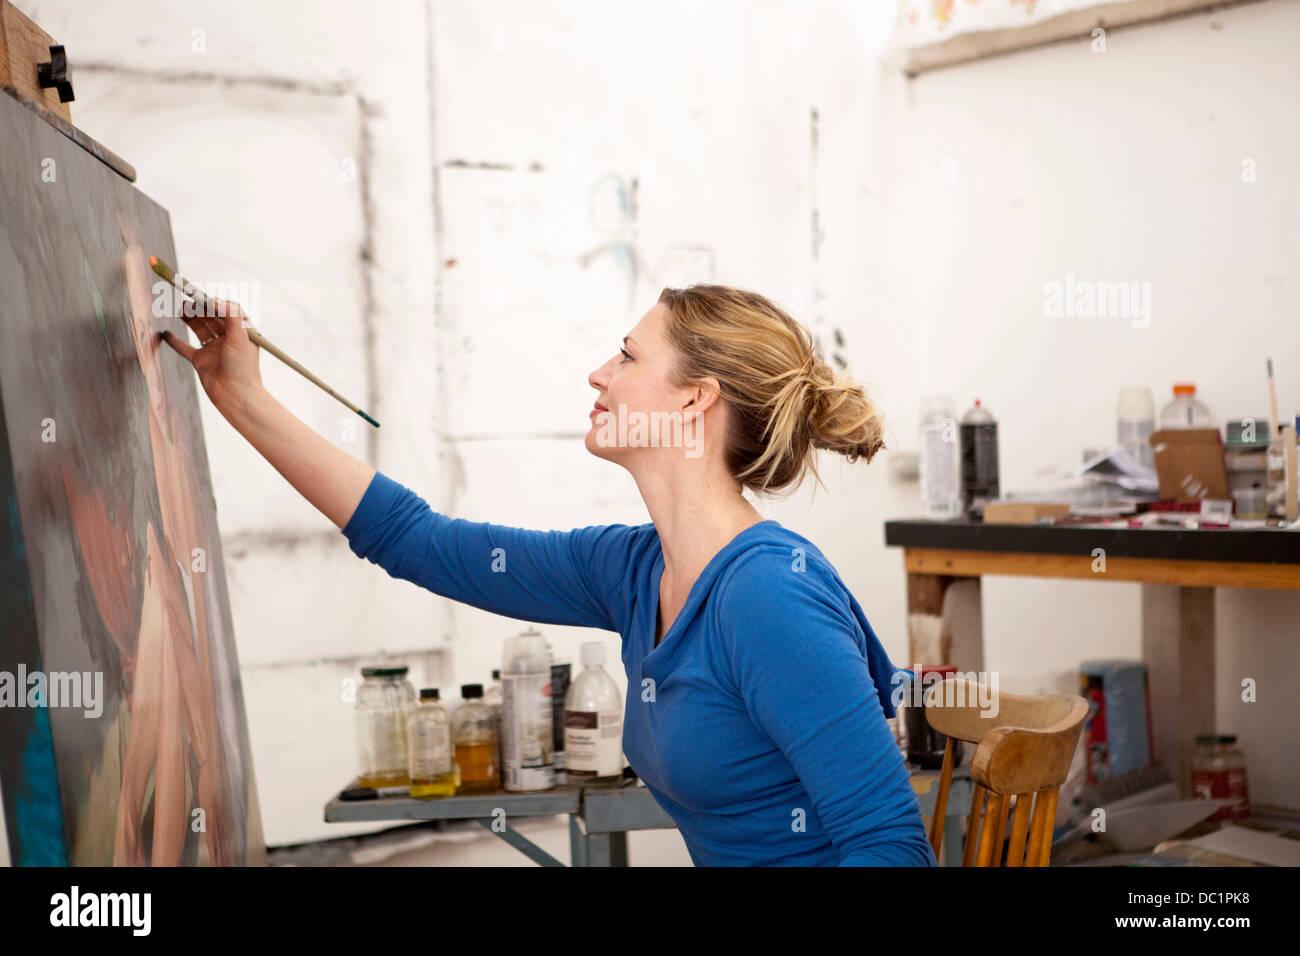 Mitte Erwachsene Frau malen auf Leinwand im Atelier des Künstlers Stockbild